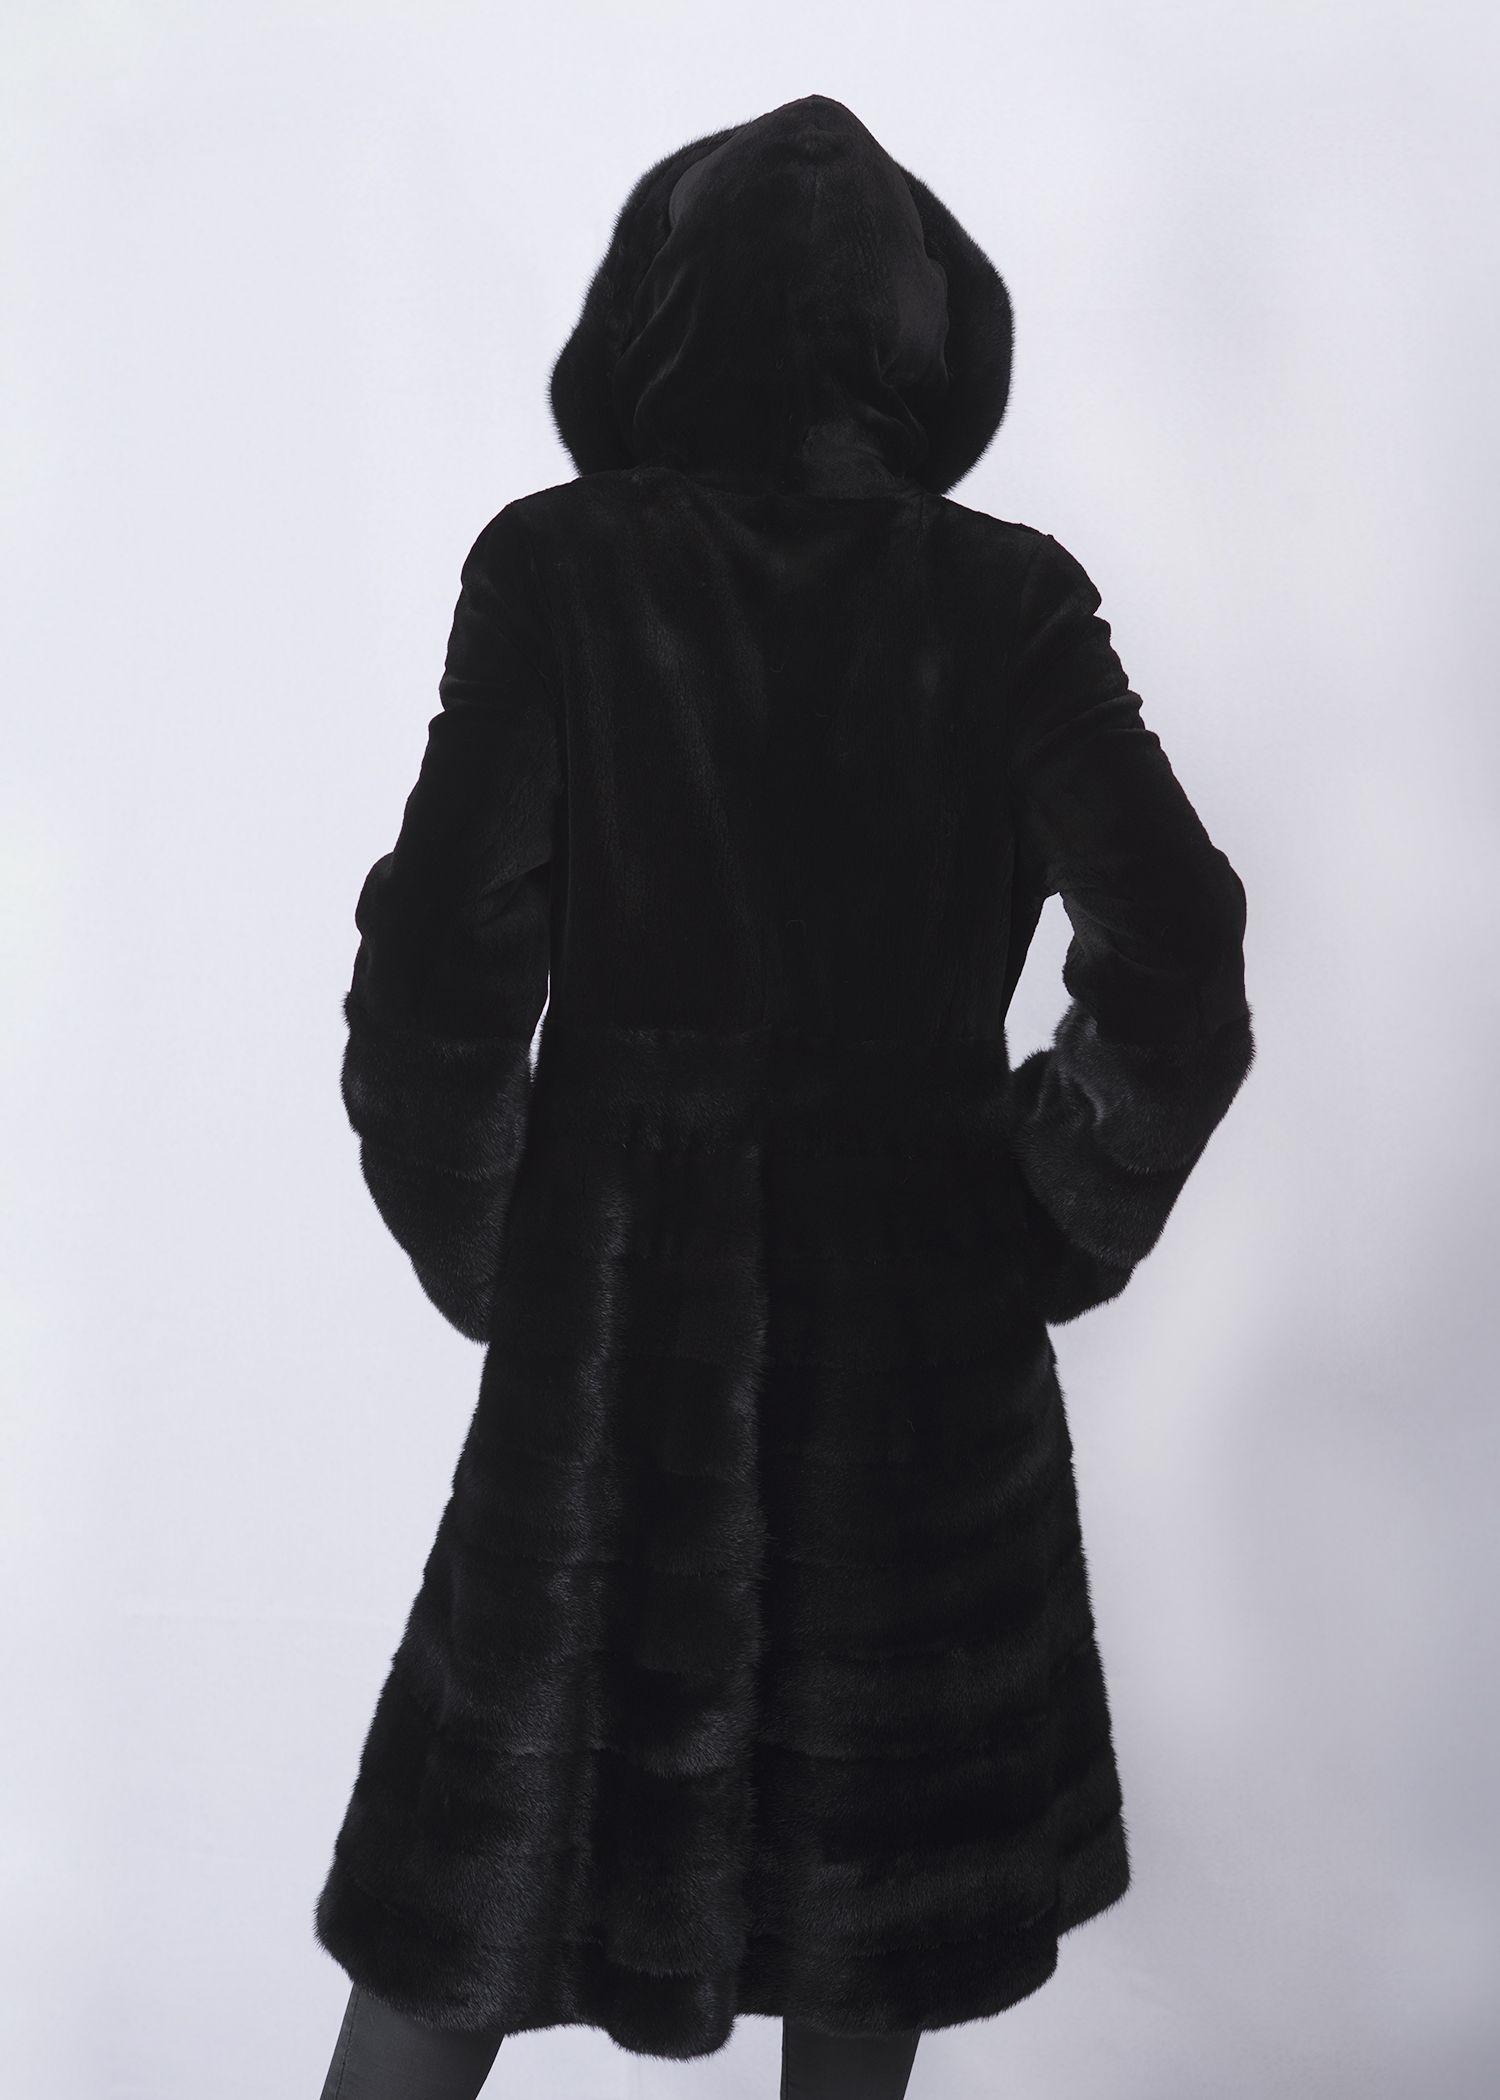 Шуба женская норковая 8013 фото №1